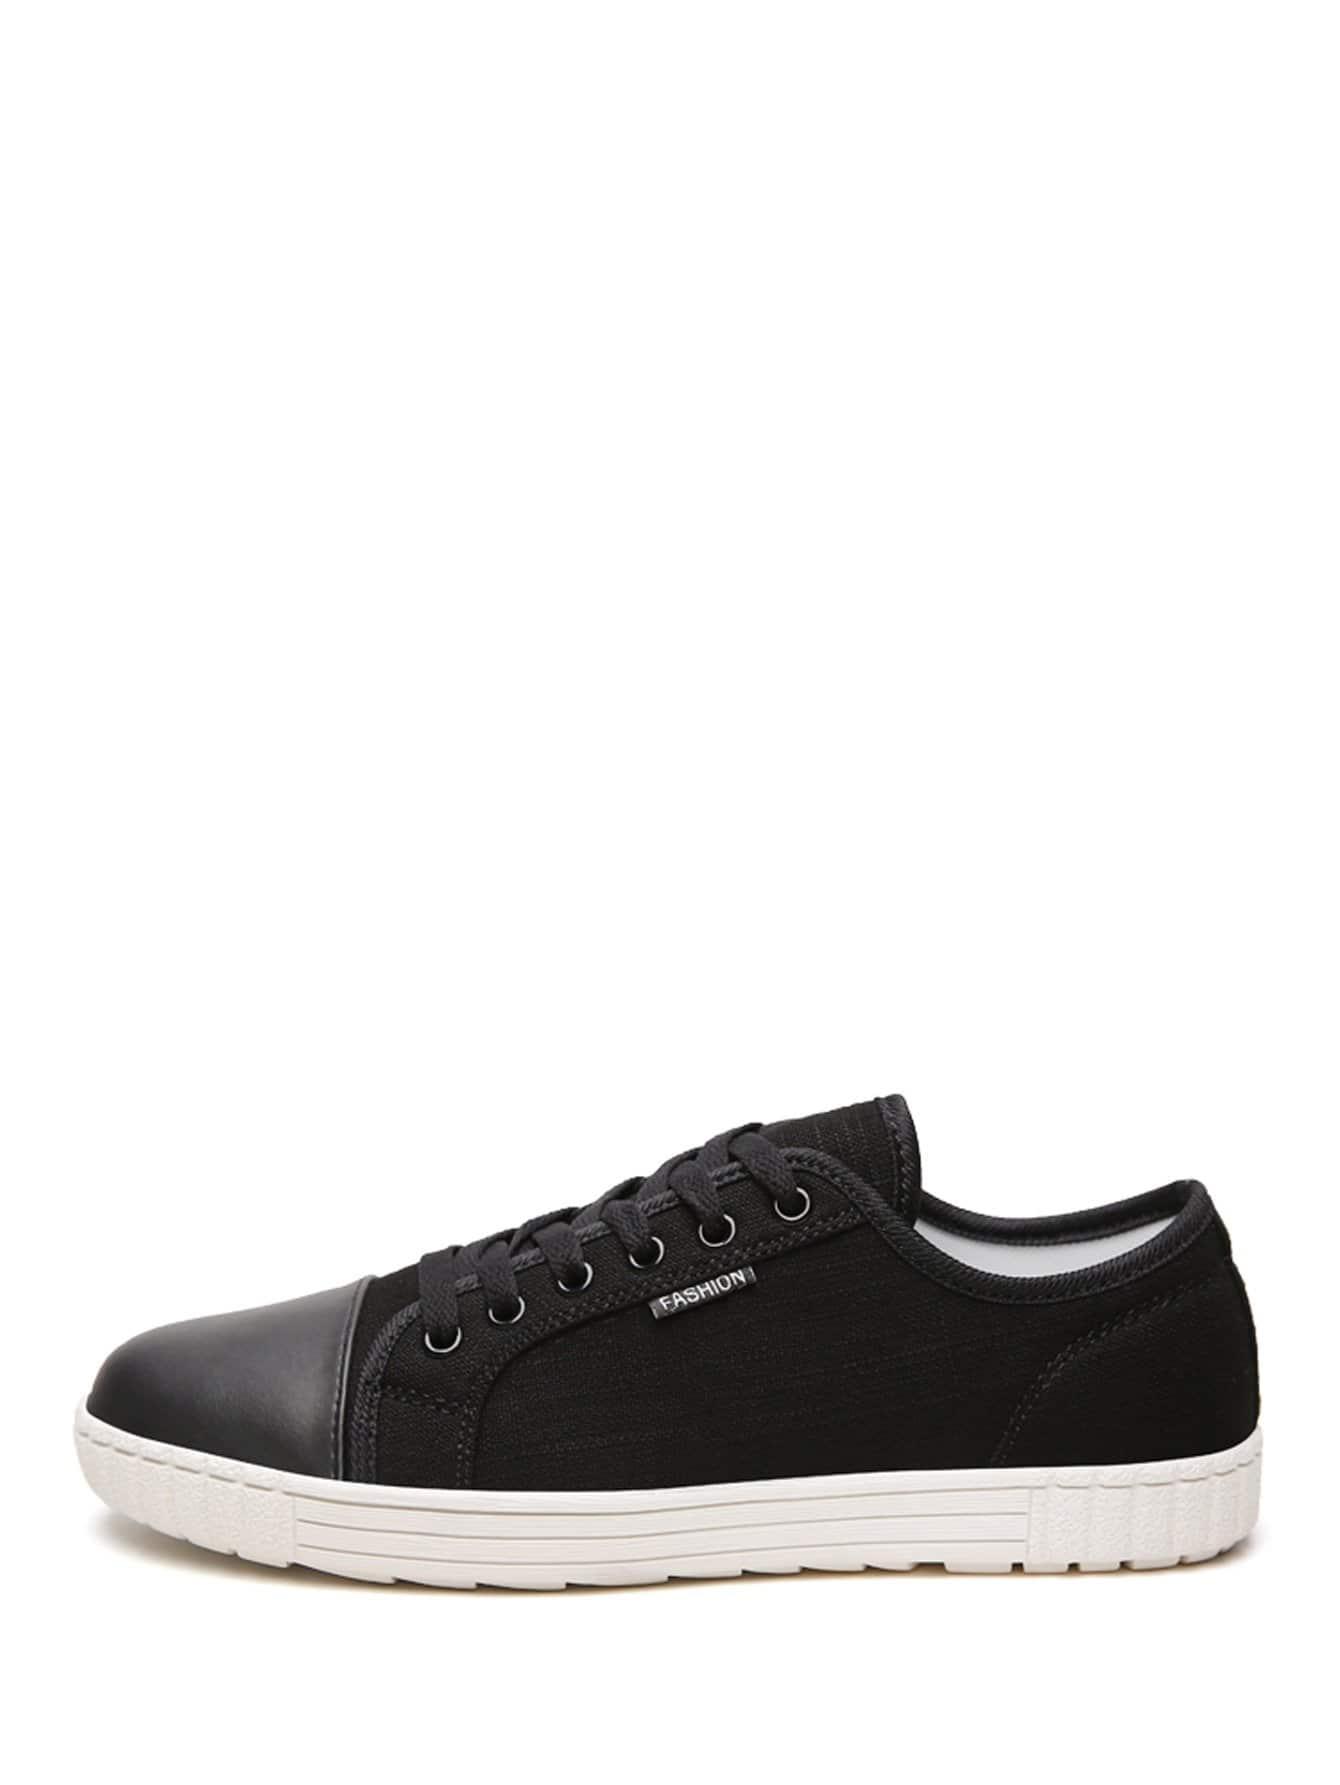 Купить Мужские кружевные кроссовки, null, SheIn